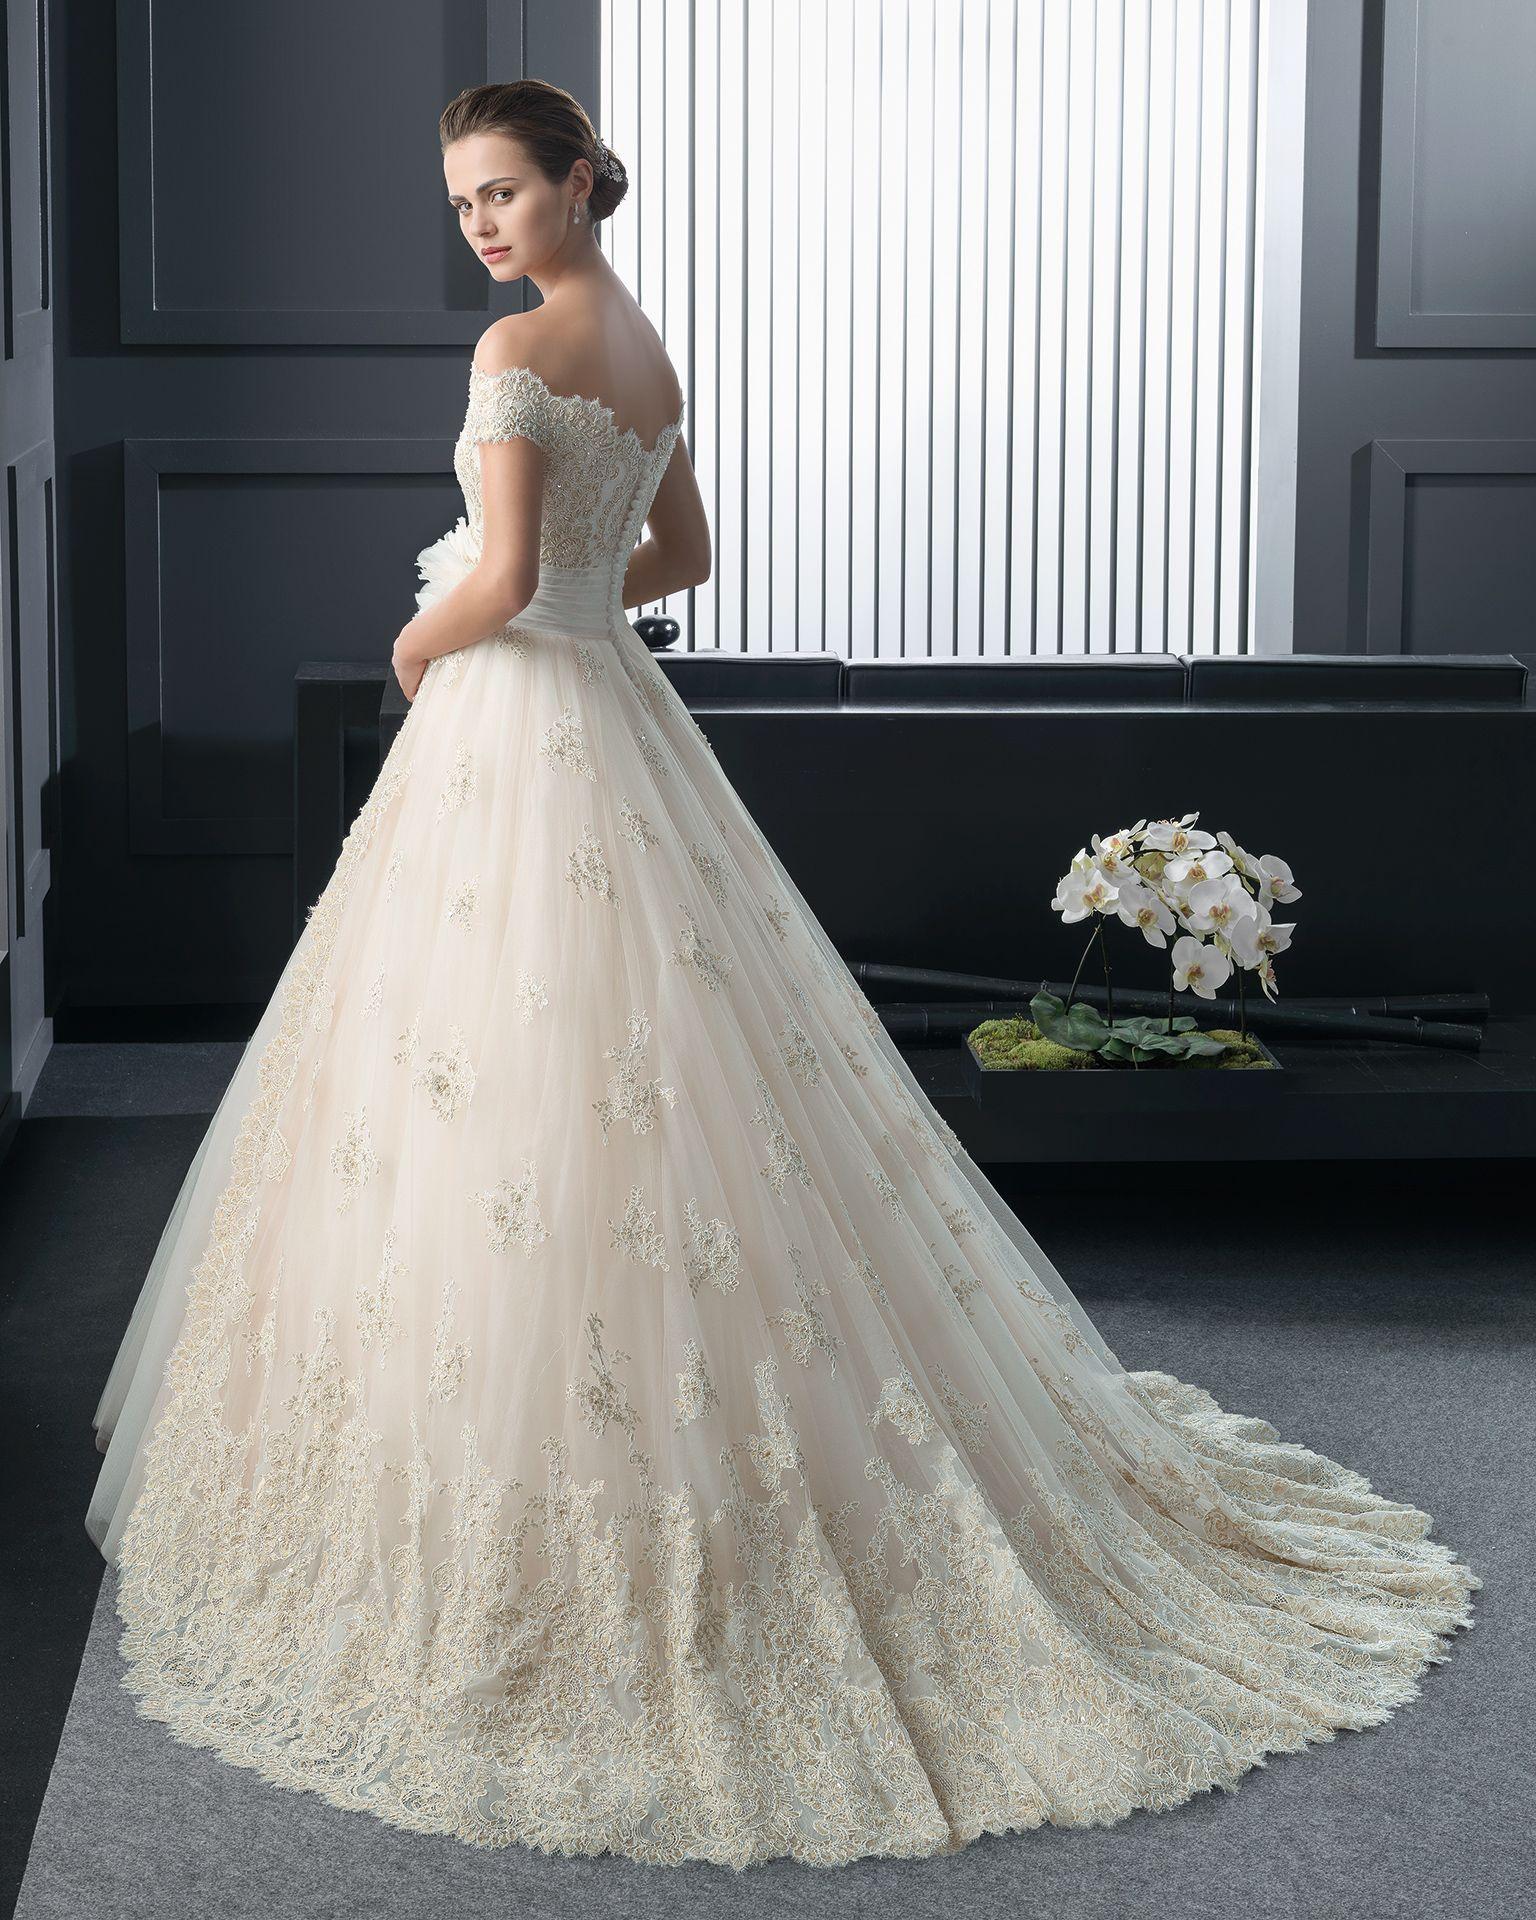 Off the shoulder bohemian wedding dress  Rosa ClaràRosil back Abito di pizzo strass e tulle con fiore